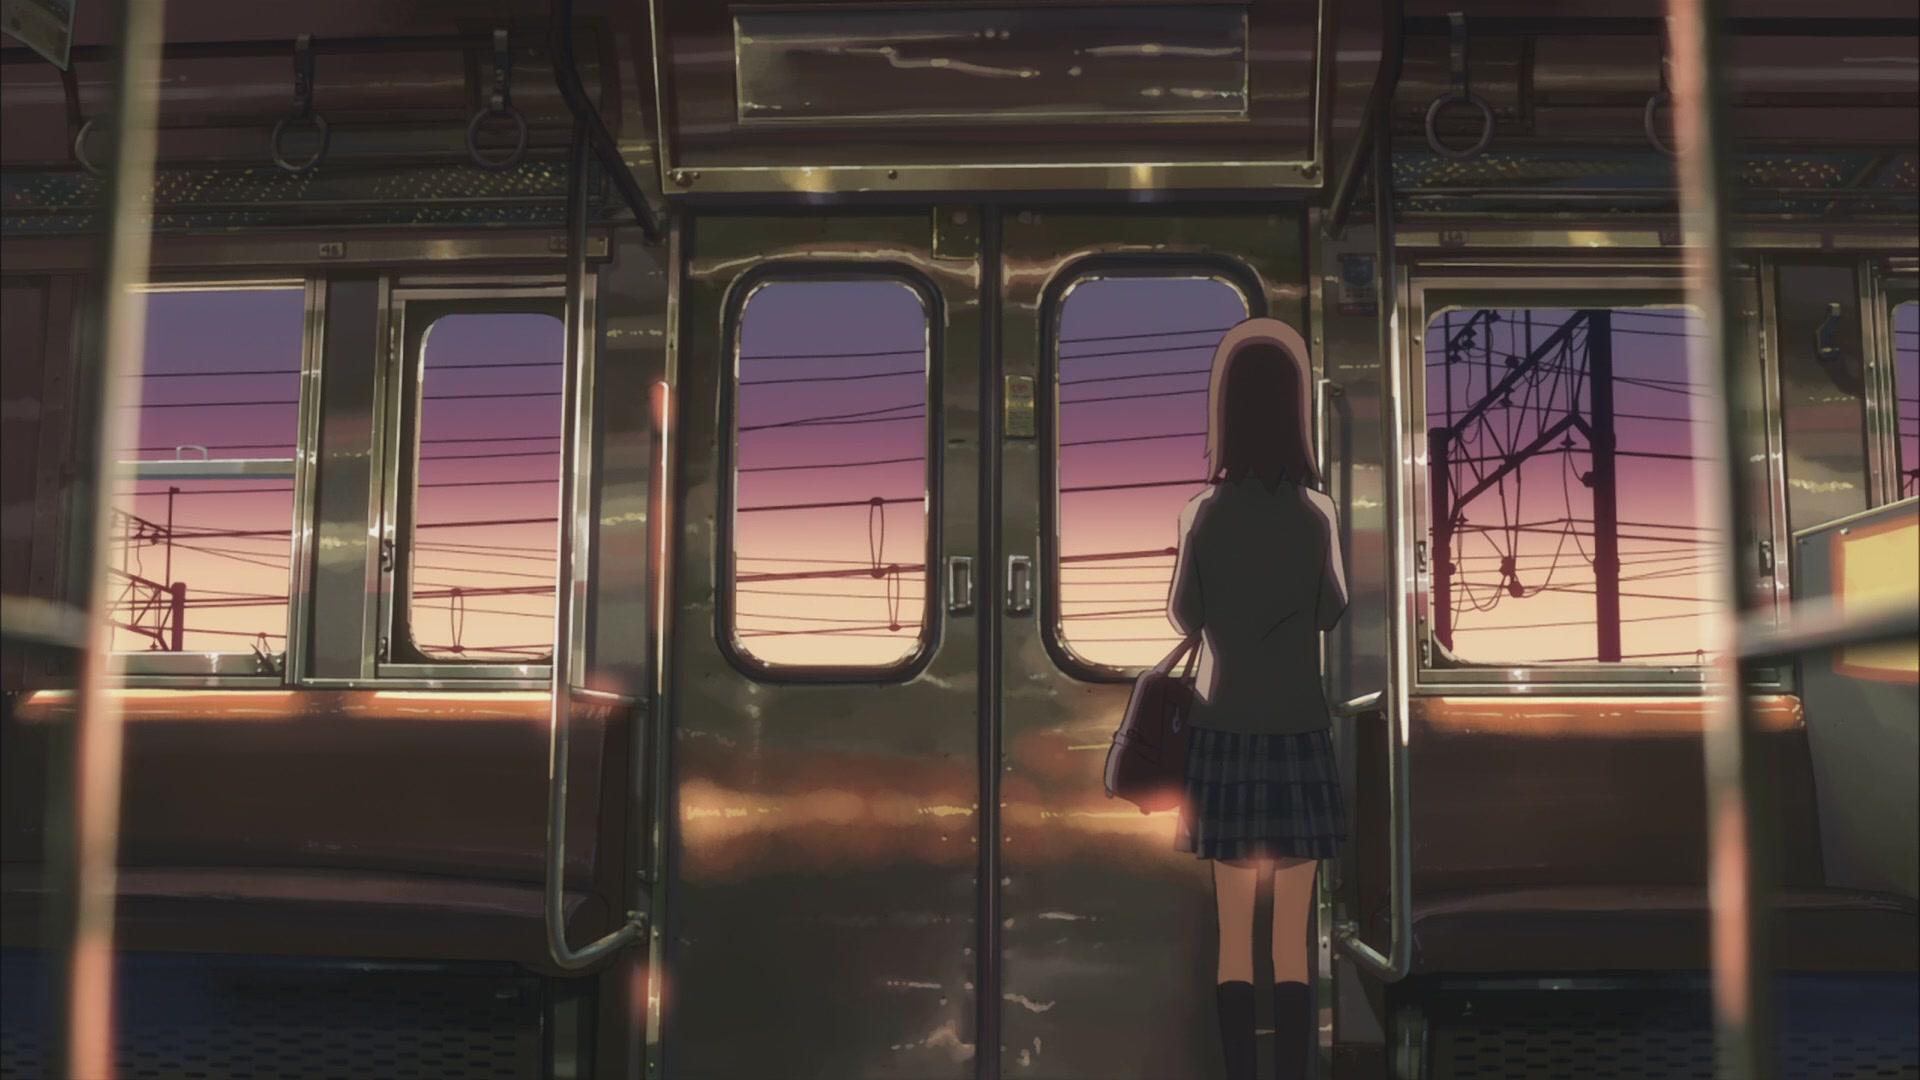 Смотреть онлайн аниме в поезде 6 фотография